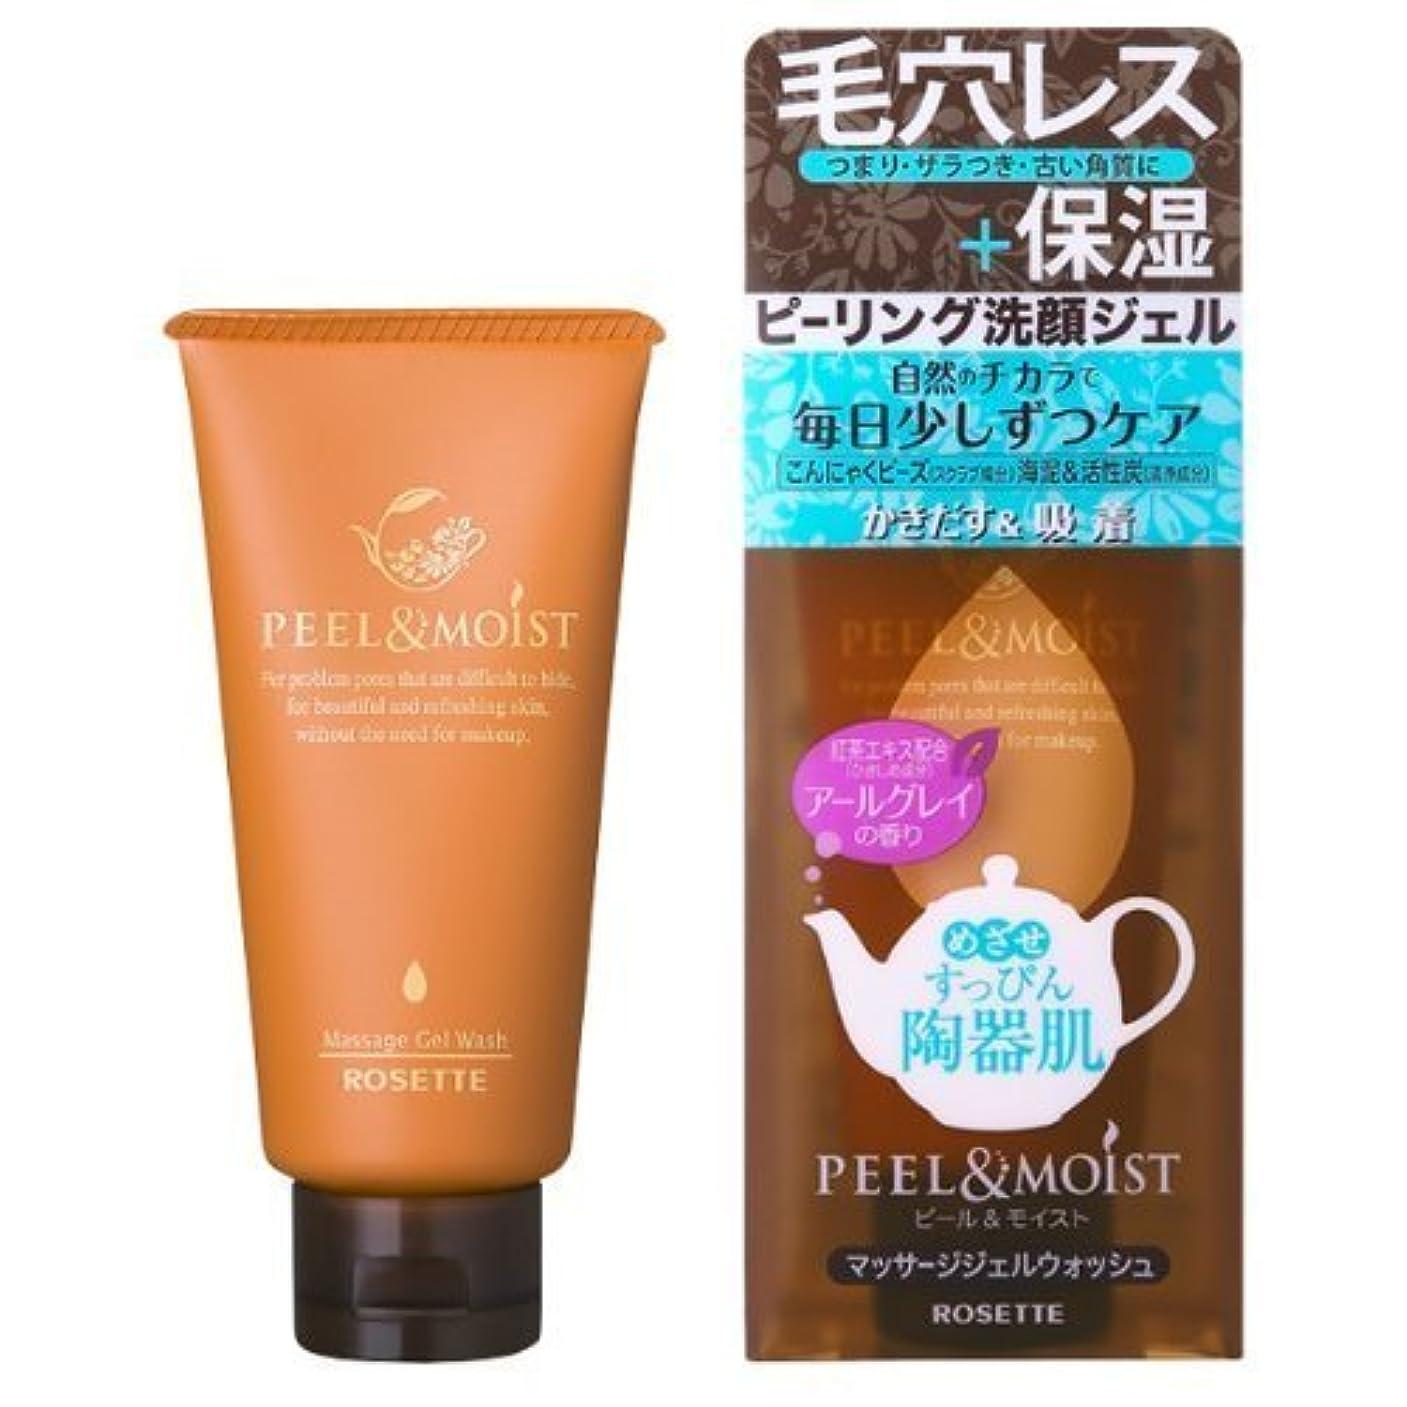 問い合わせソケット応用ロゼット R40% スーパーうるおいリフトアップ洗顔フォーム 168g もっちりタイプの植物性洗顔フォーム スズランのやさしい香り×48点セット (4901696532591)